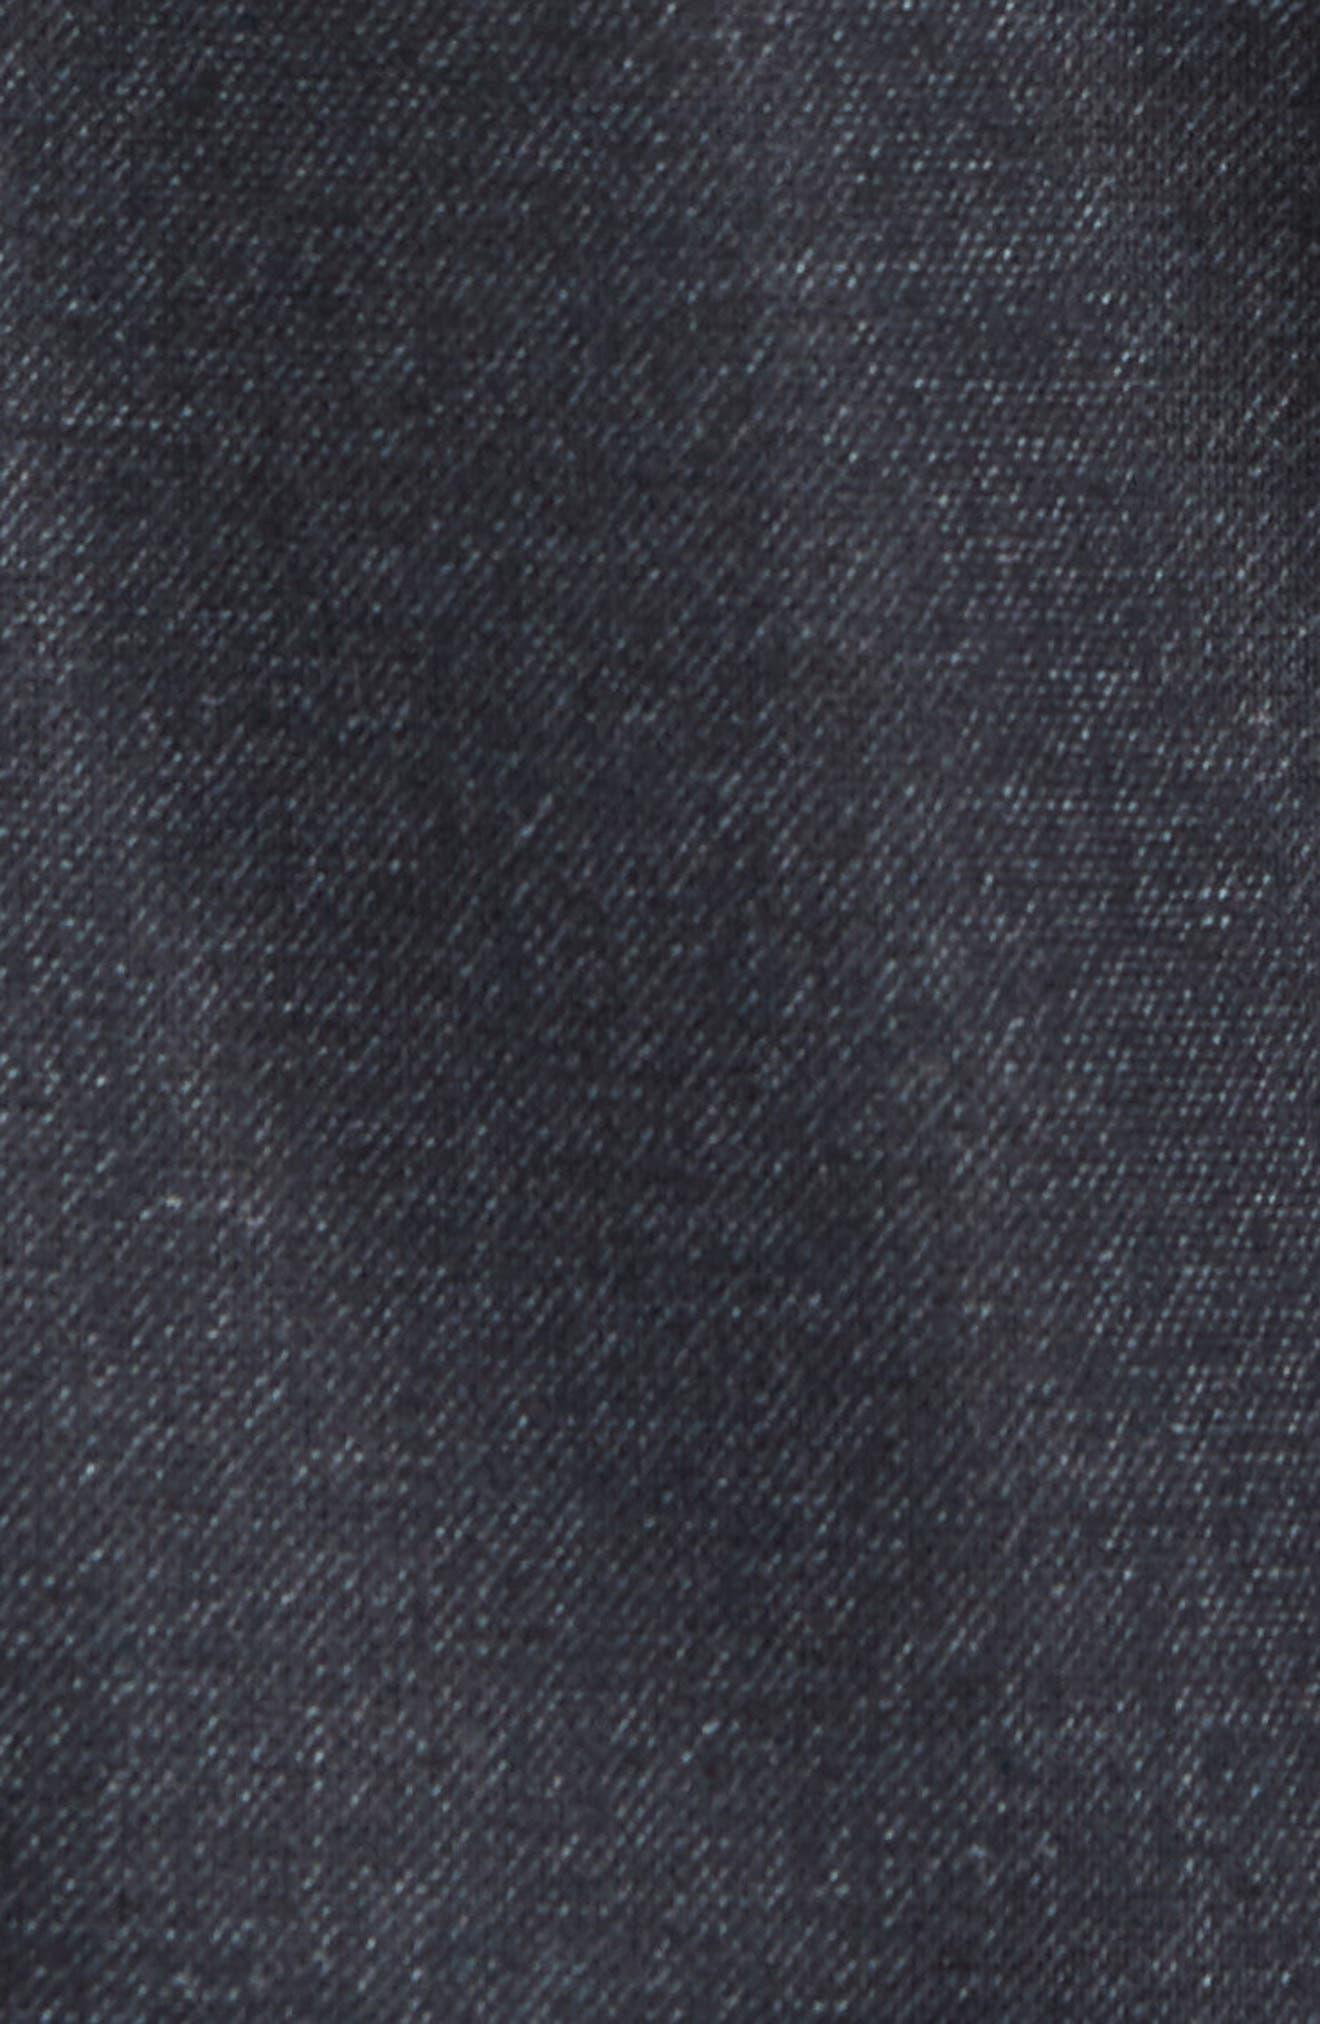 Lightweight Denim Bomber Jacket,                             Alternate thumbnail 5, color,                             Navy